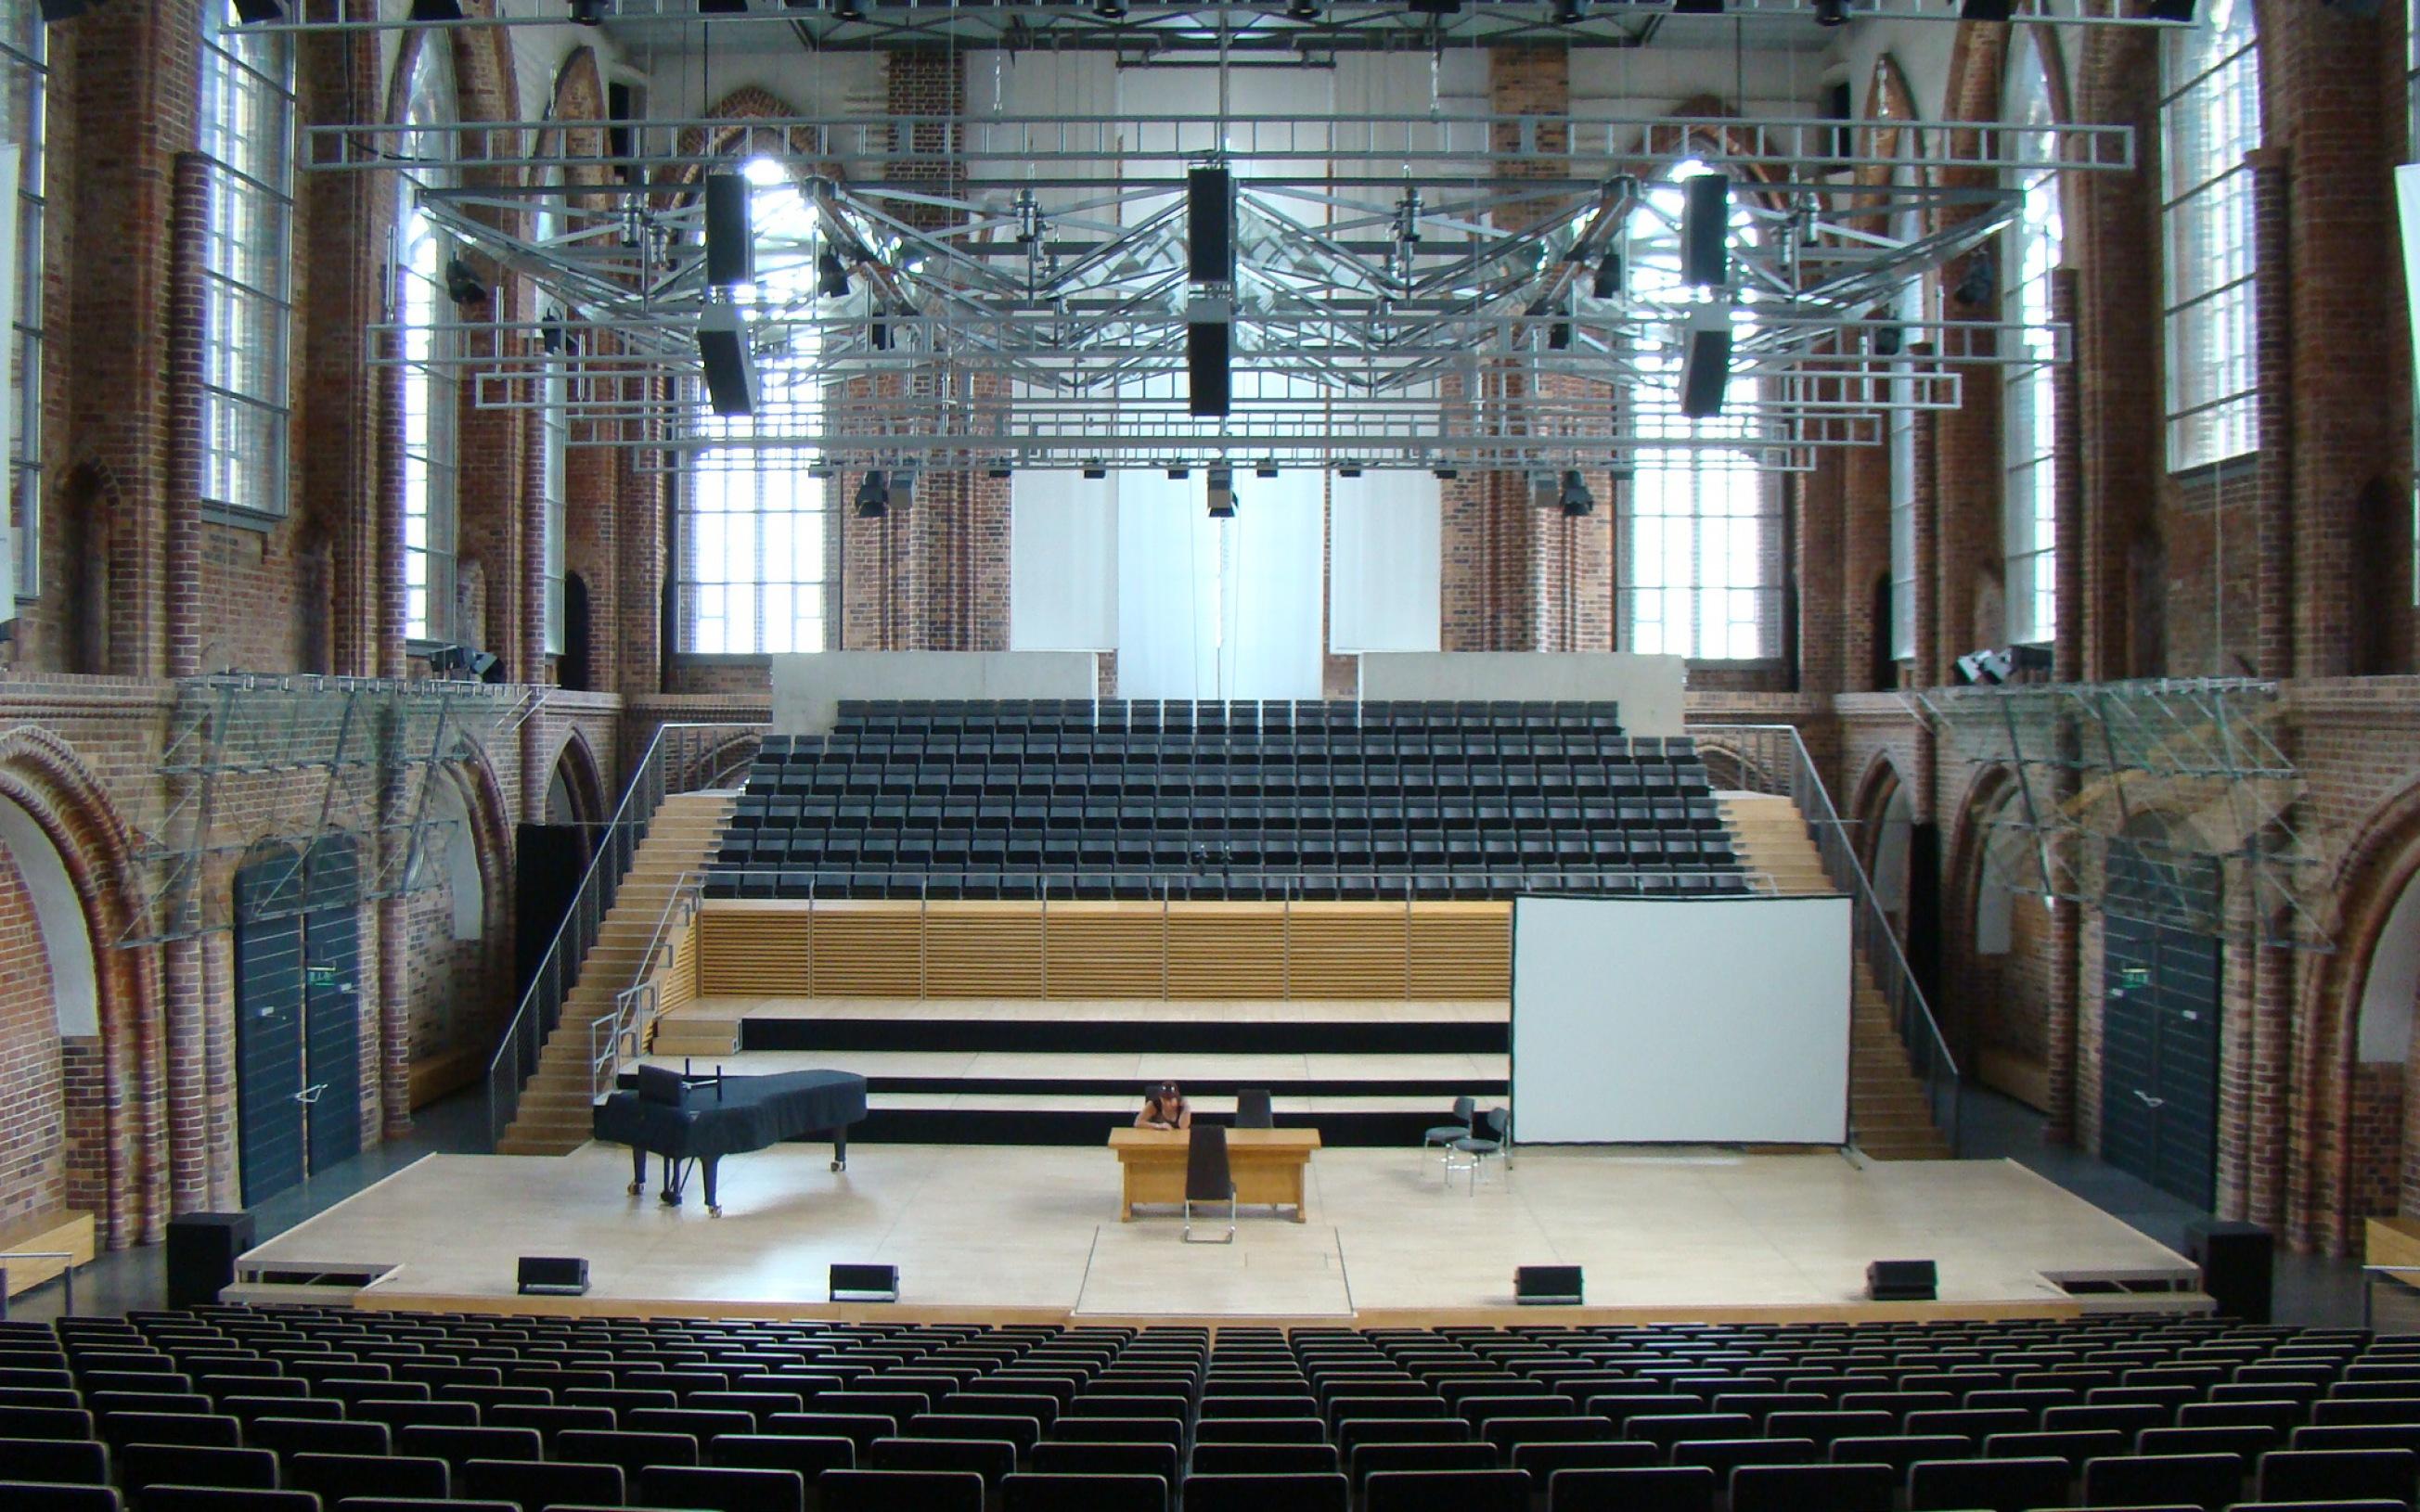 Konzertkirche (ehem. Marienkirche) in Neubrandenburg